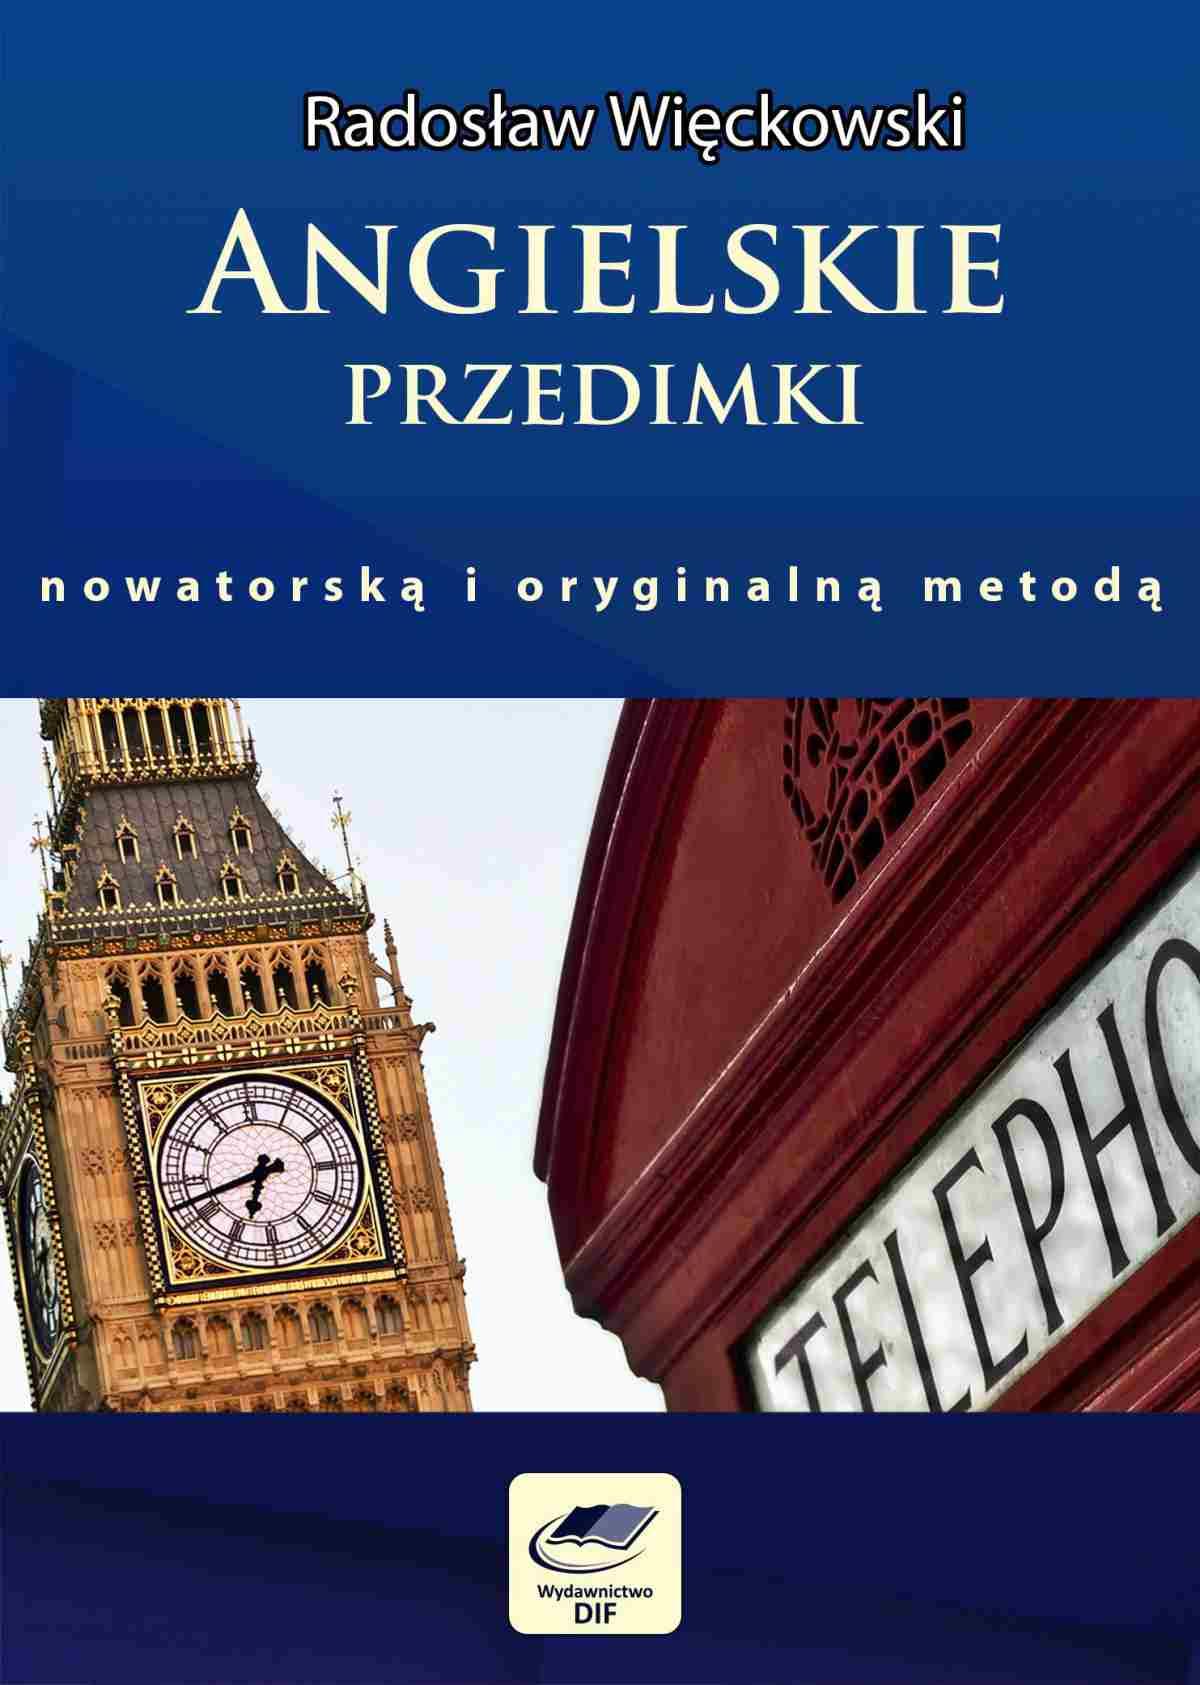 Angielskie przedimki nowatorską i oryginalną metodą - Ebook (Książka PDF) do pobrania w formacie PDF